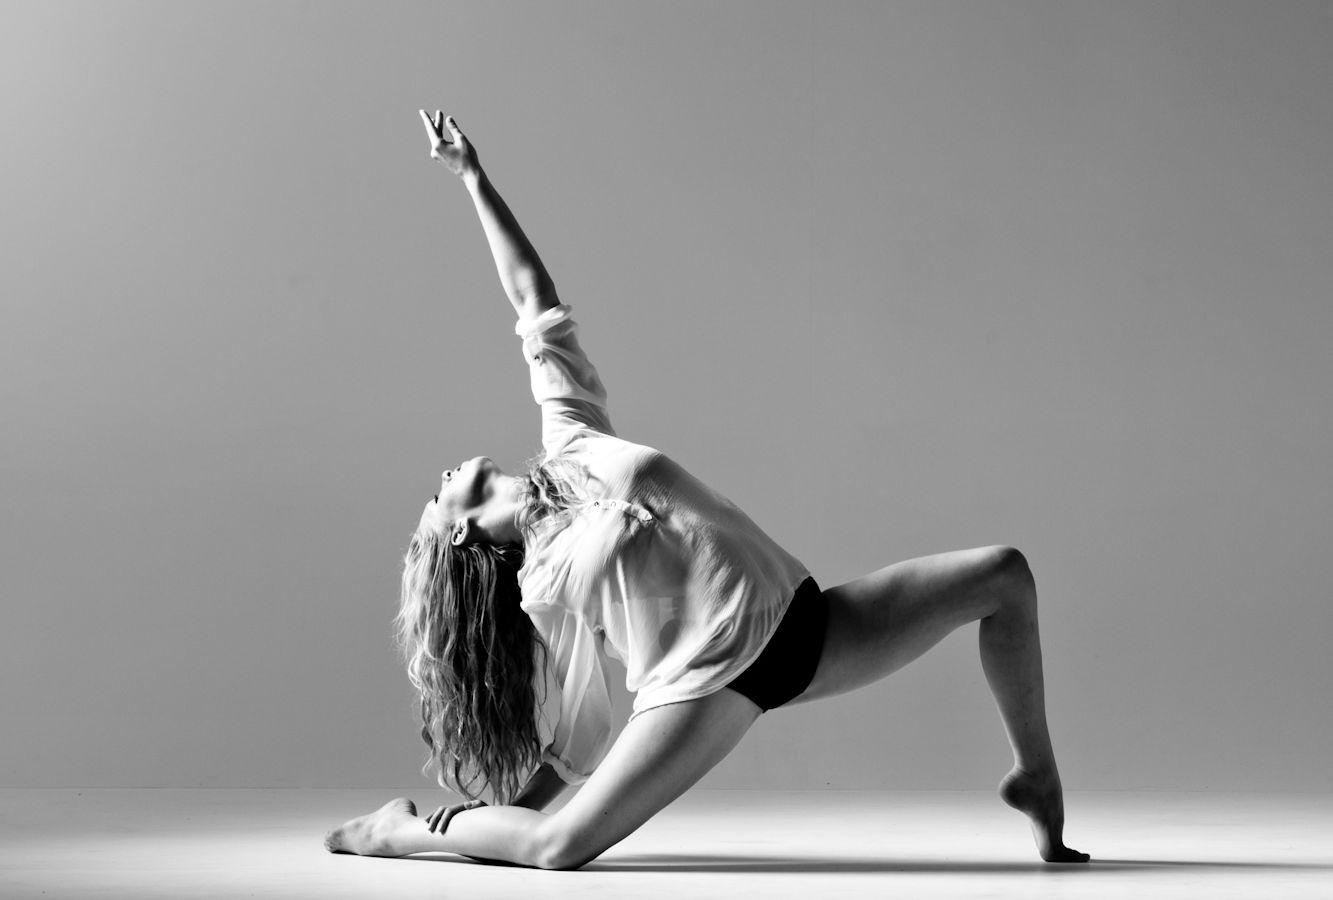 Παγκόσμια Ημέρα Χορού 2020: Γιορτάζουμε μαζί με 300 χορευτές στην ταράτσα [vid & pics]